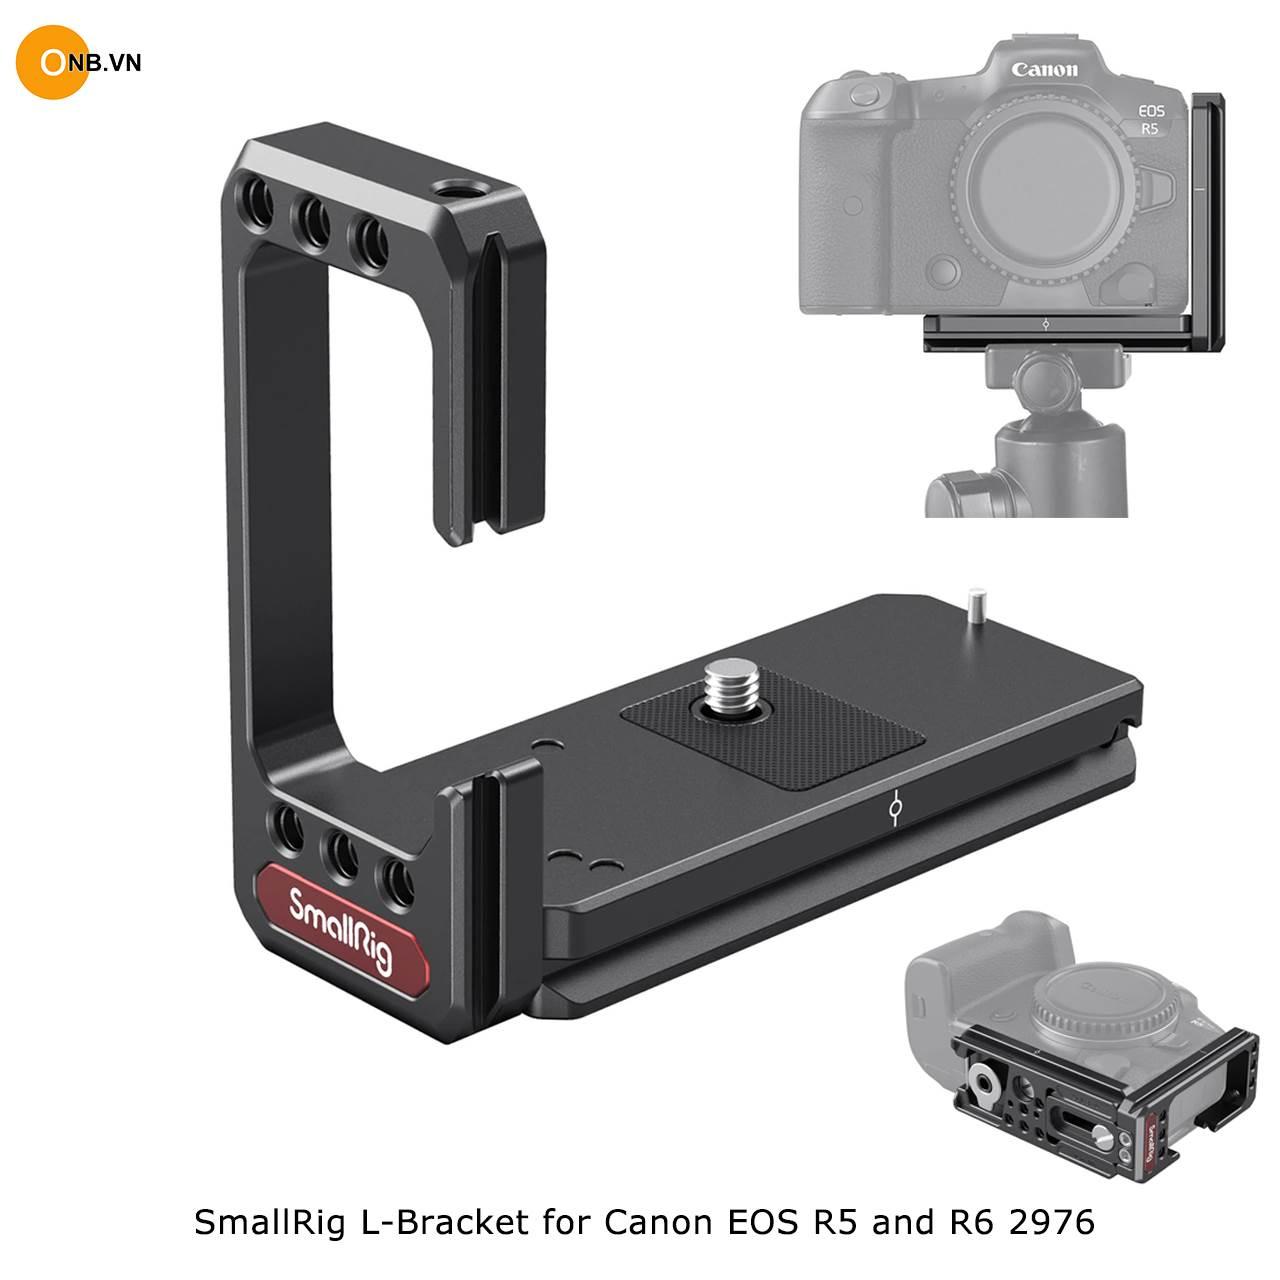 SmallRig L-Bracket for Canon EOS R5 R6 2976